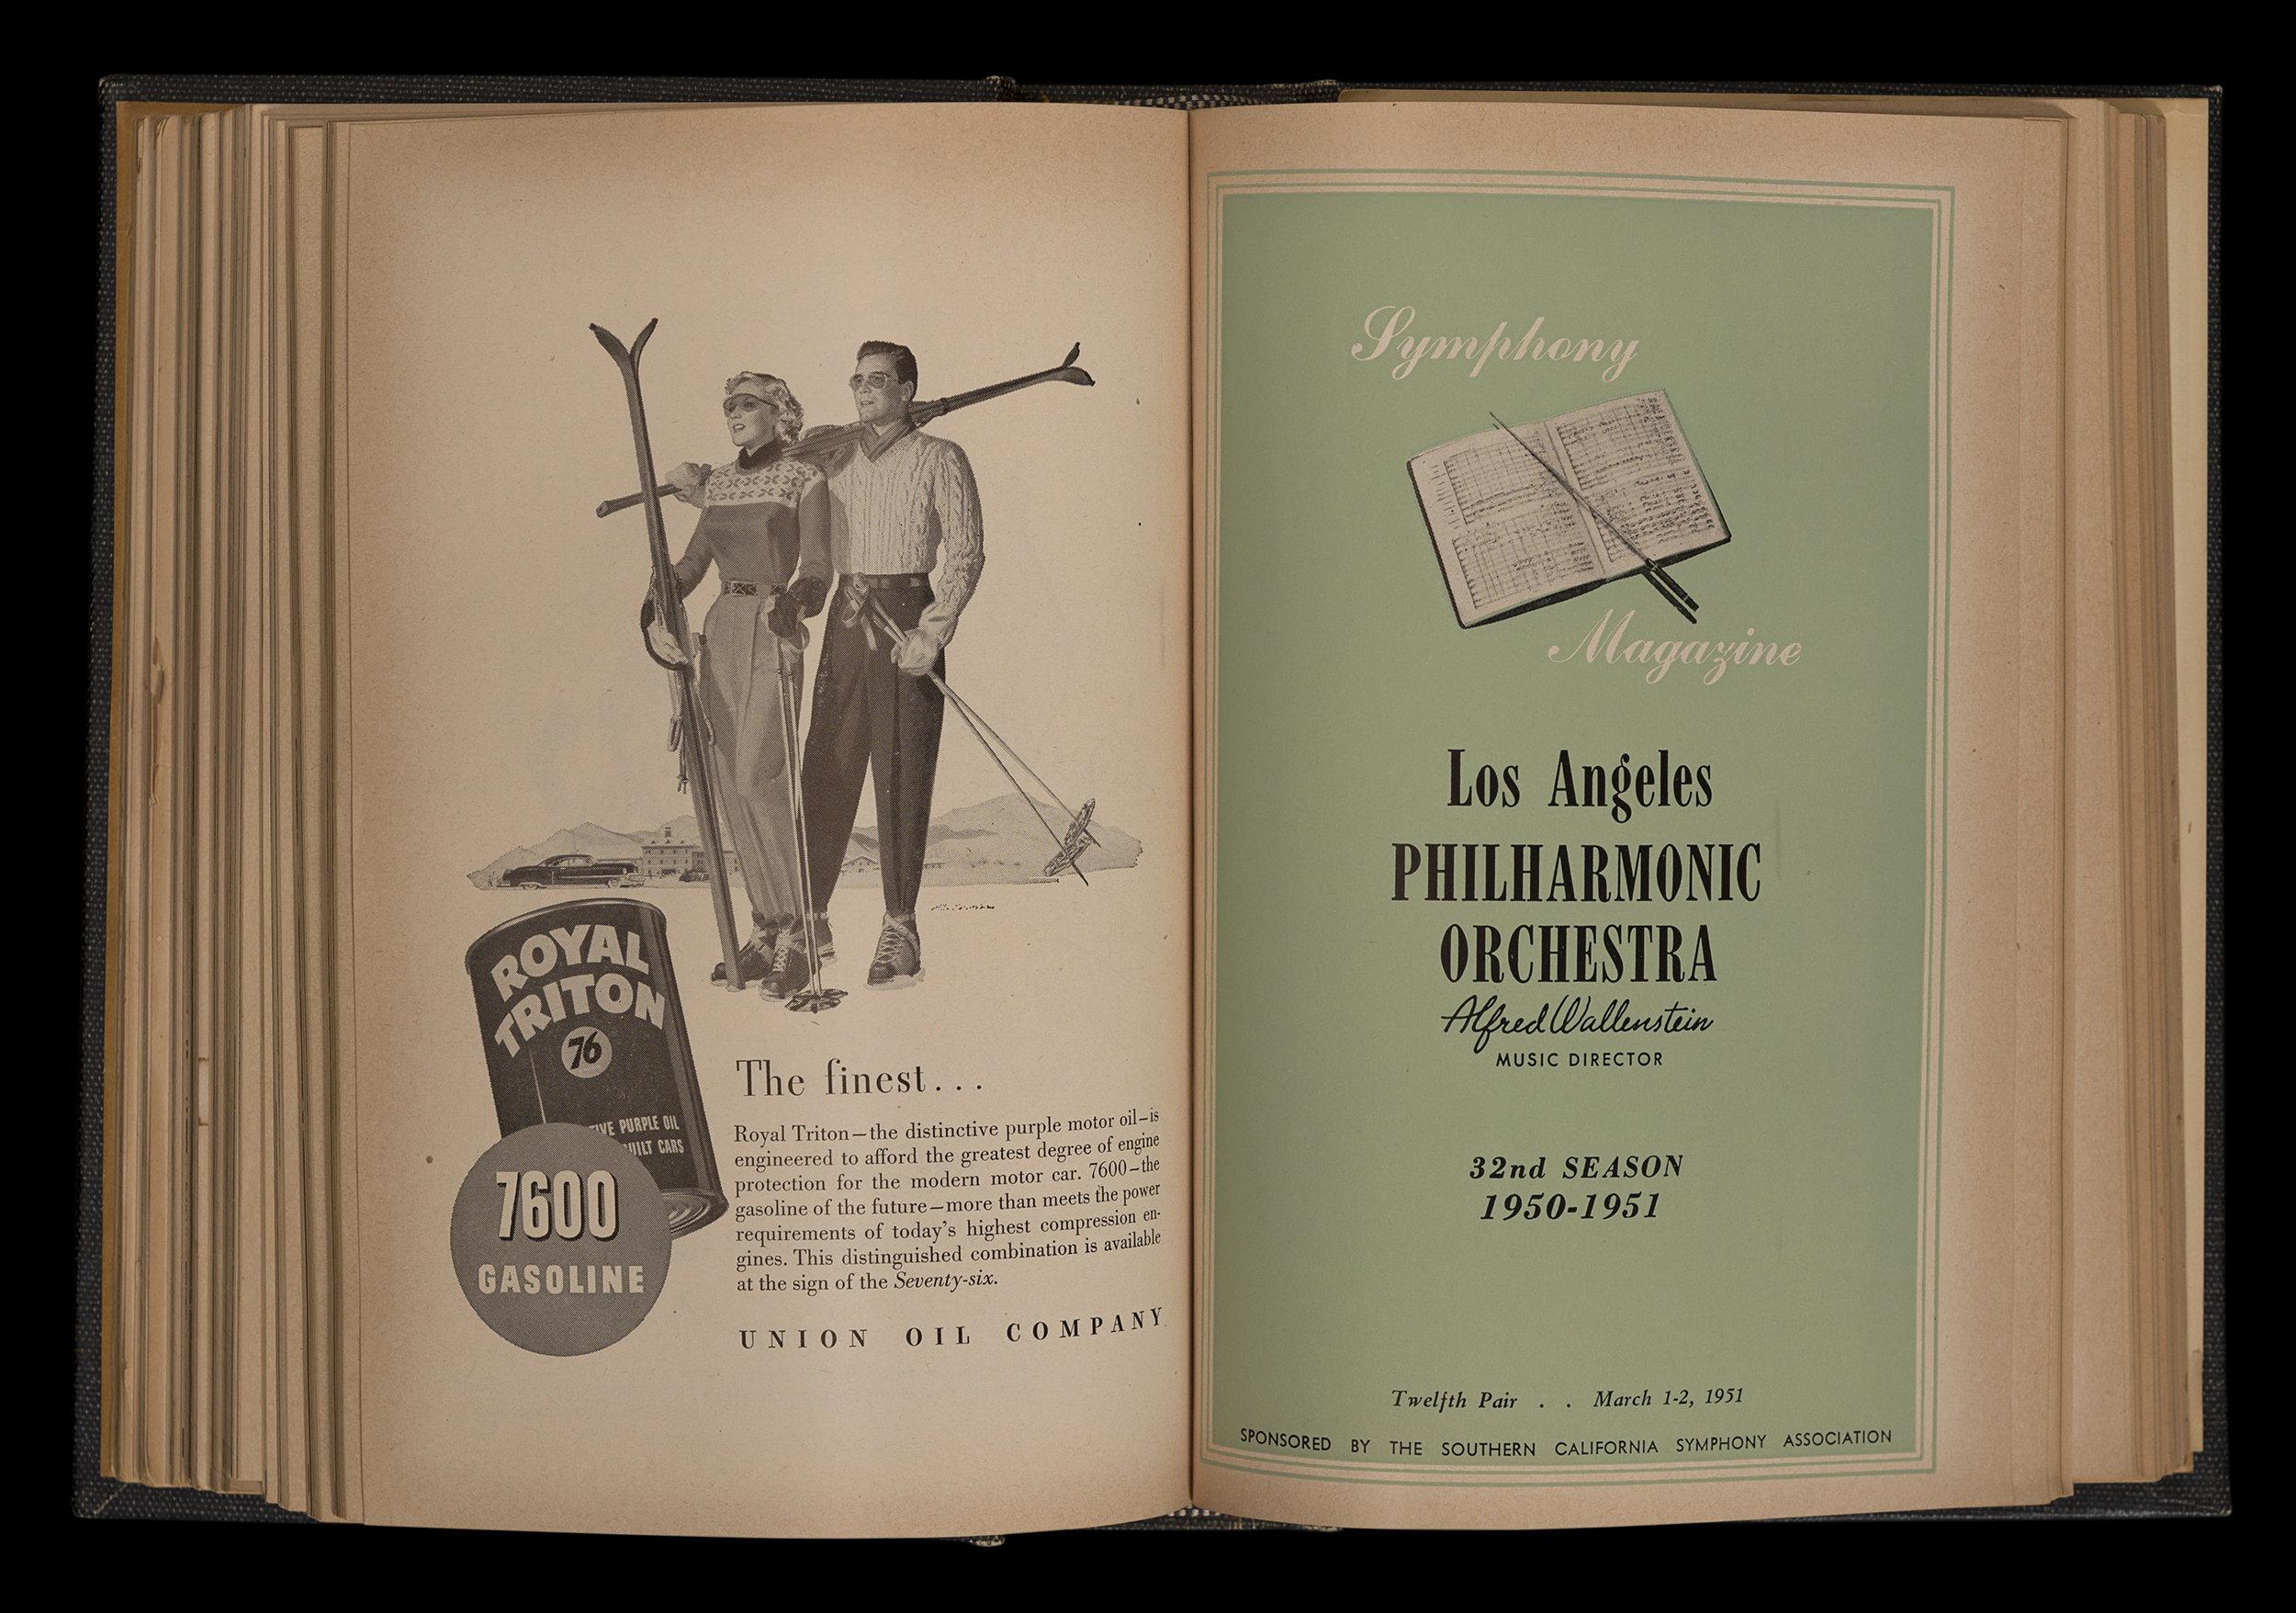 LAPO_ProgramBook_PageB_1950-1951.jpg